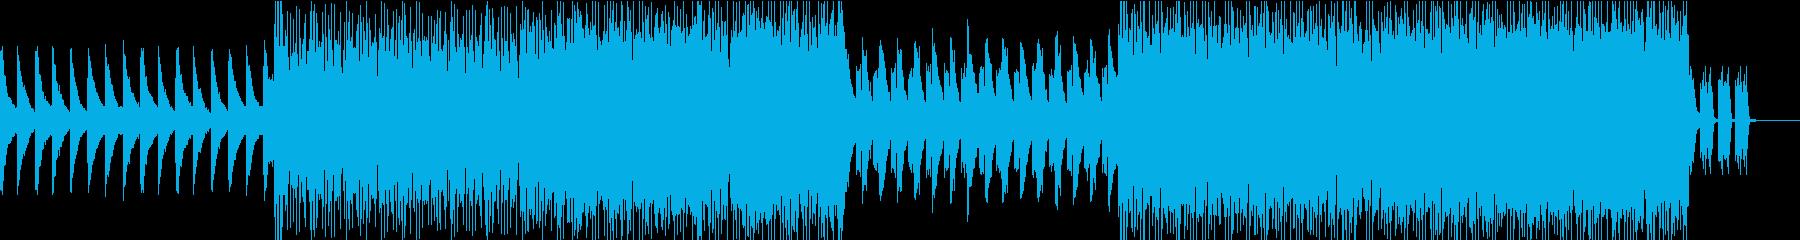 力強く壮大でミステリアスな曲の再生済みの波形